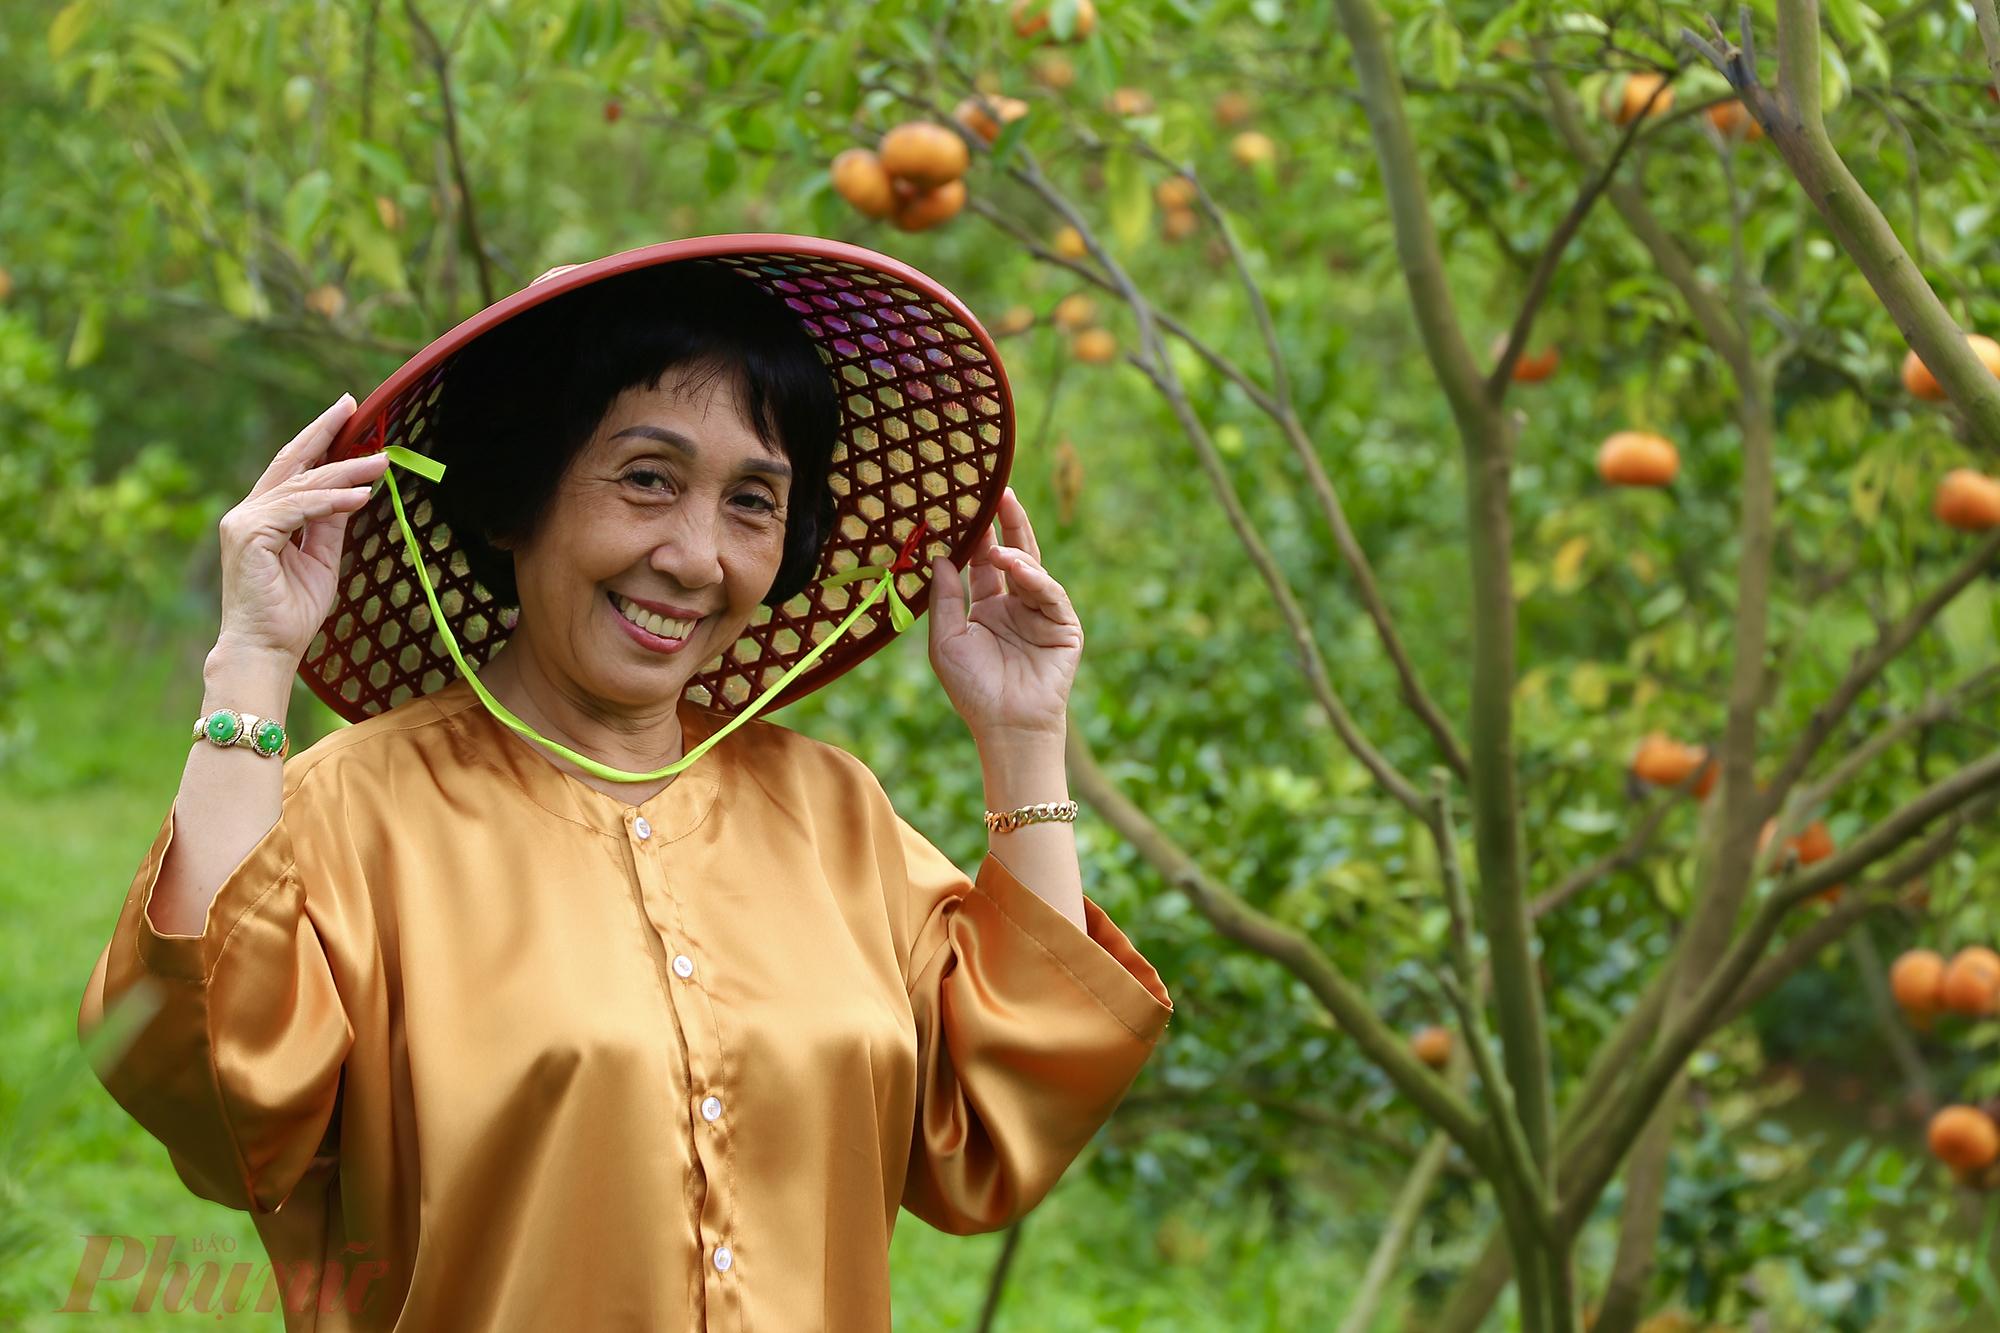 Với sắc vàng cam của quýt, bạn có thể chọn những trang phục màu nổi để khung ảnh thêm vui mắt. Hoặc du khách cũng có thể mặc áo bà ba, đội nón lá để ra chất nông dân miền Tây.